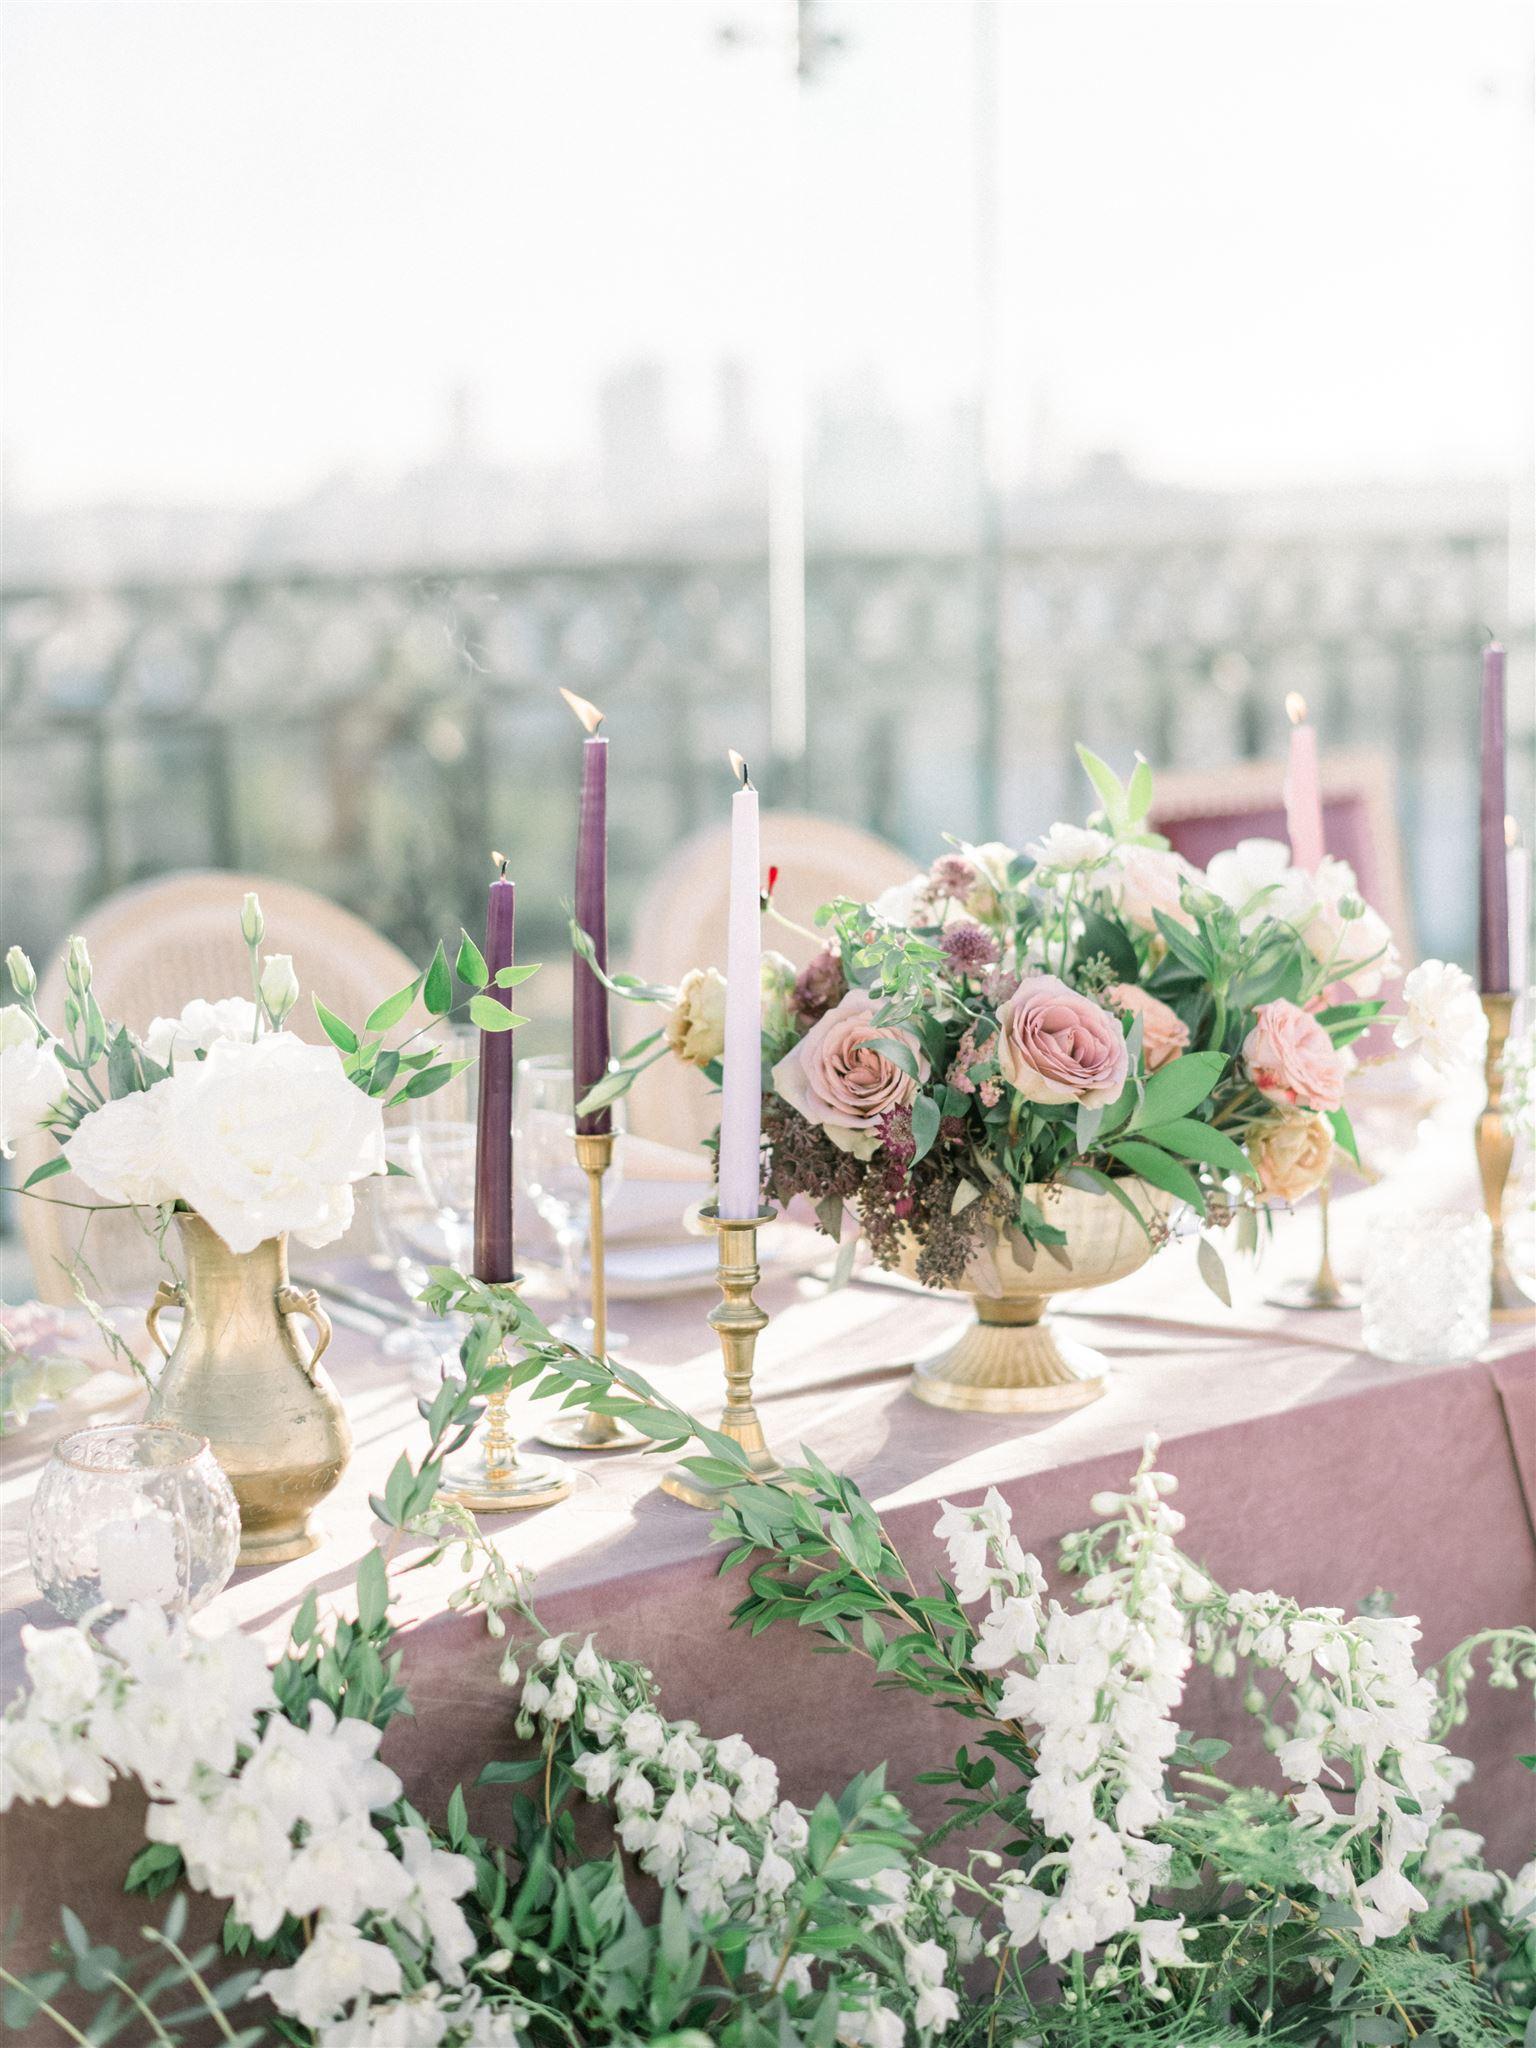 margaretandjames-wedding-971_websize.jpg